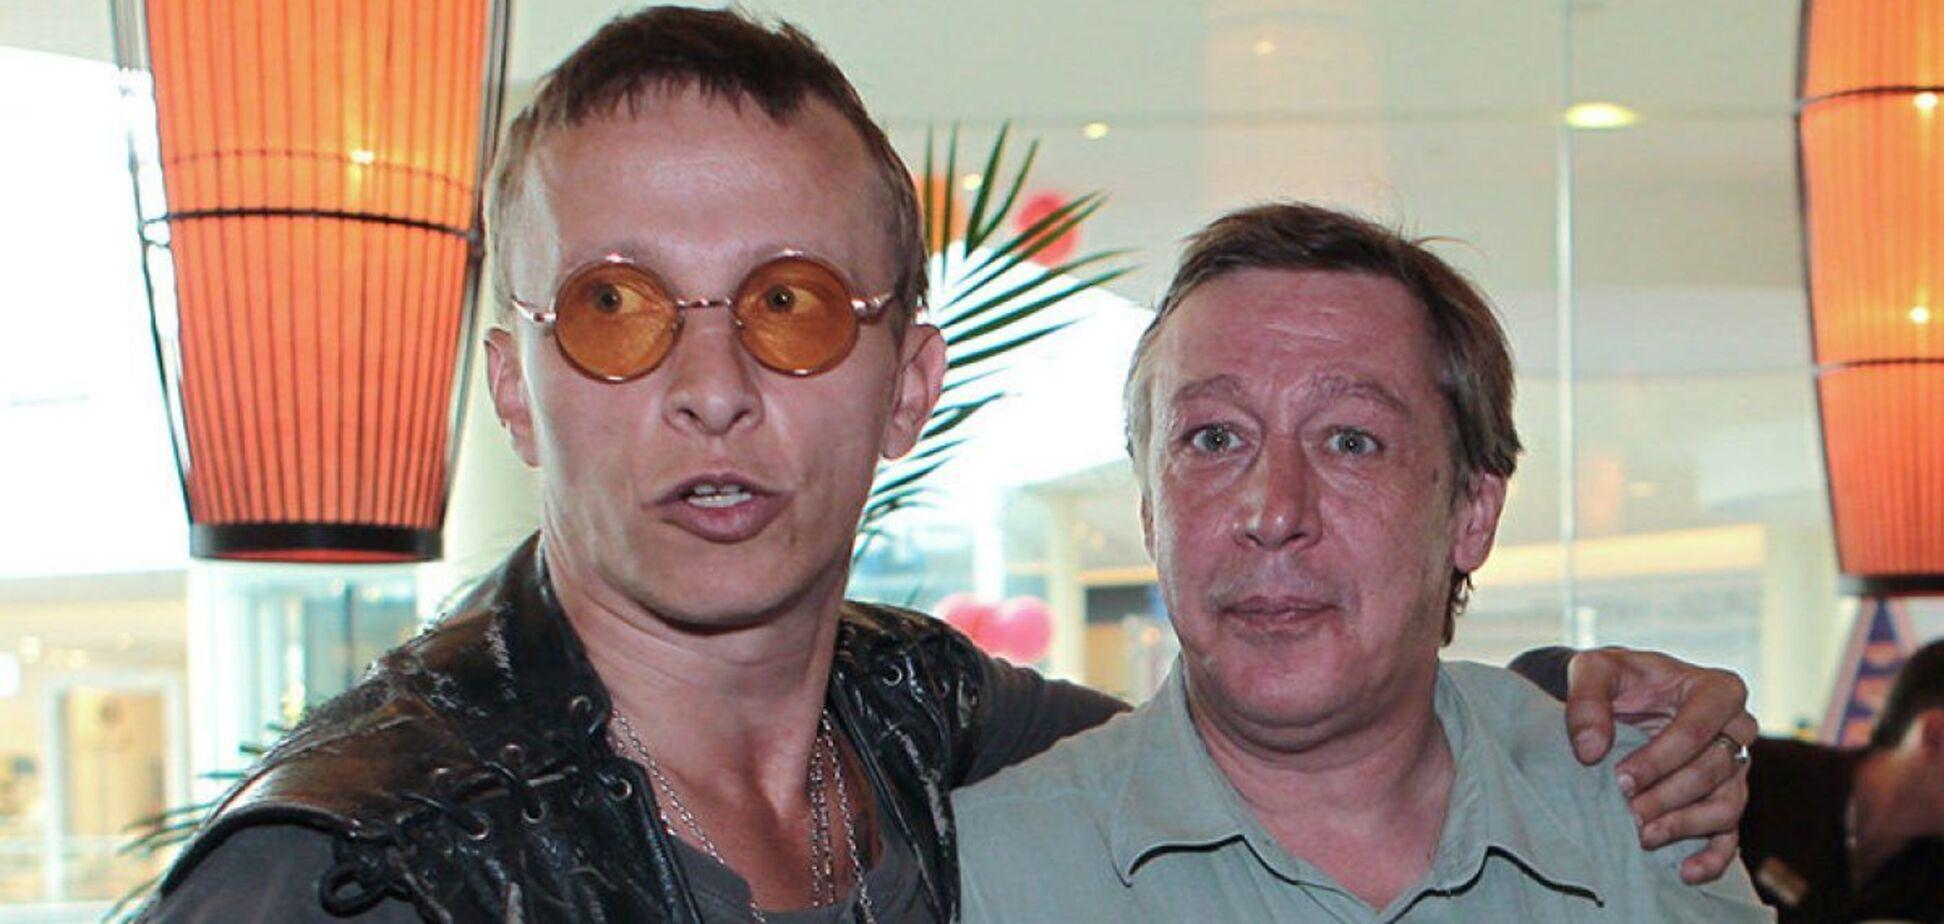 Охлобыстин обратился к Путину с просьбой пощадить Ефремова